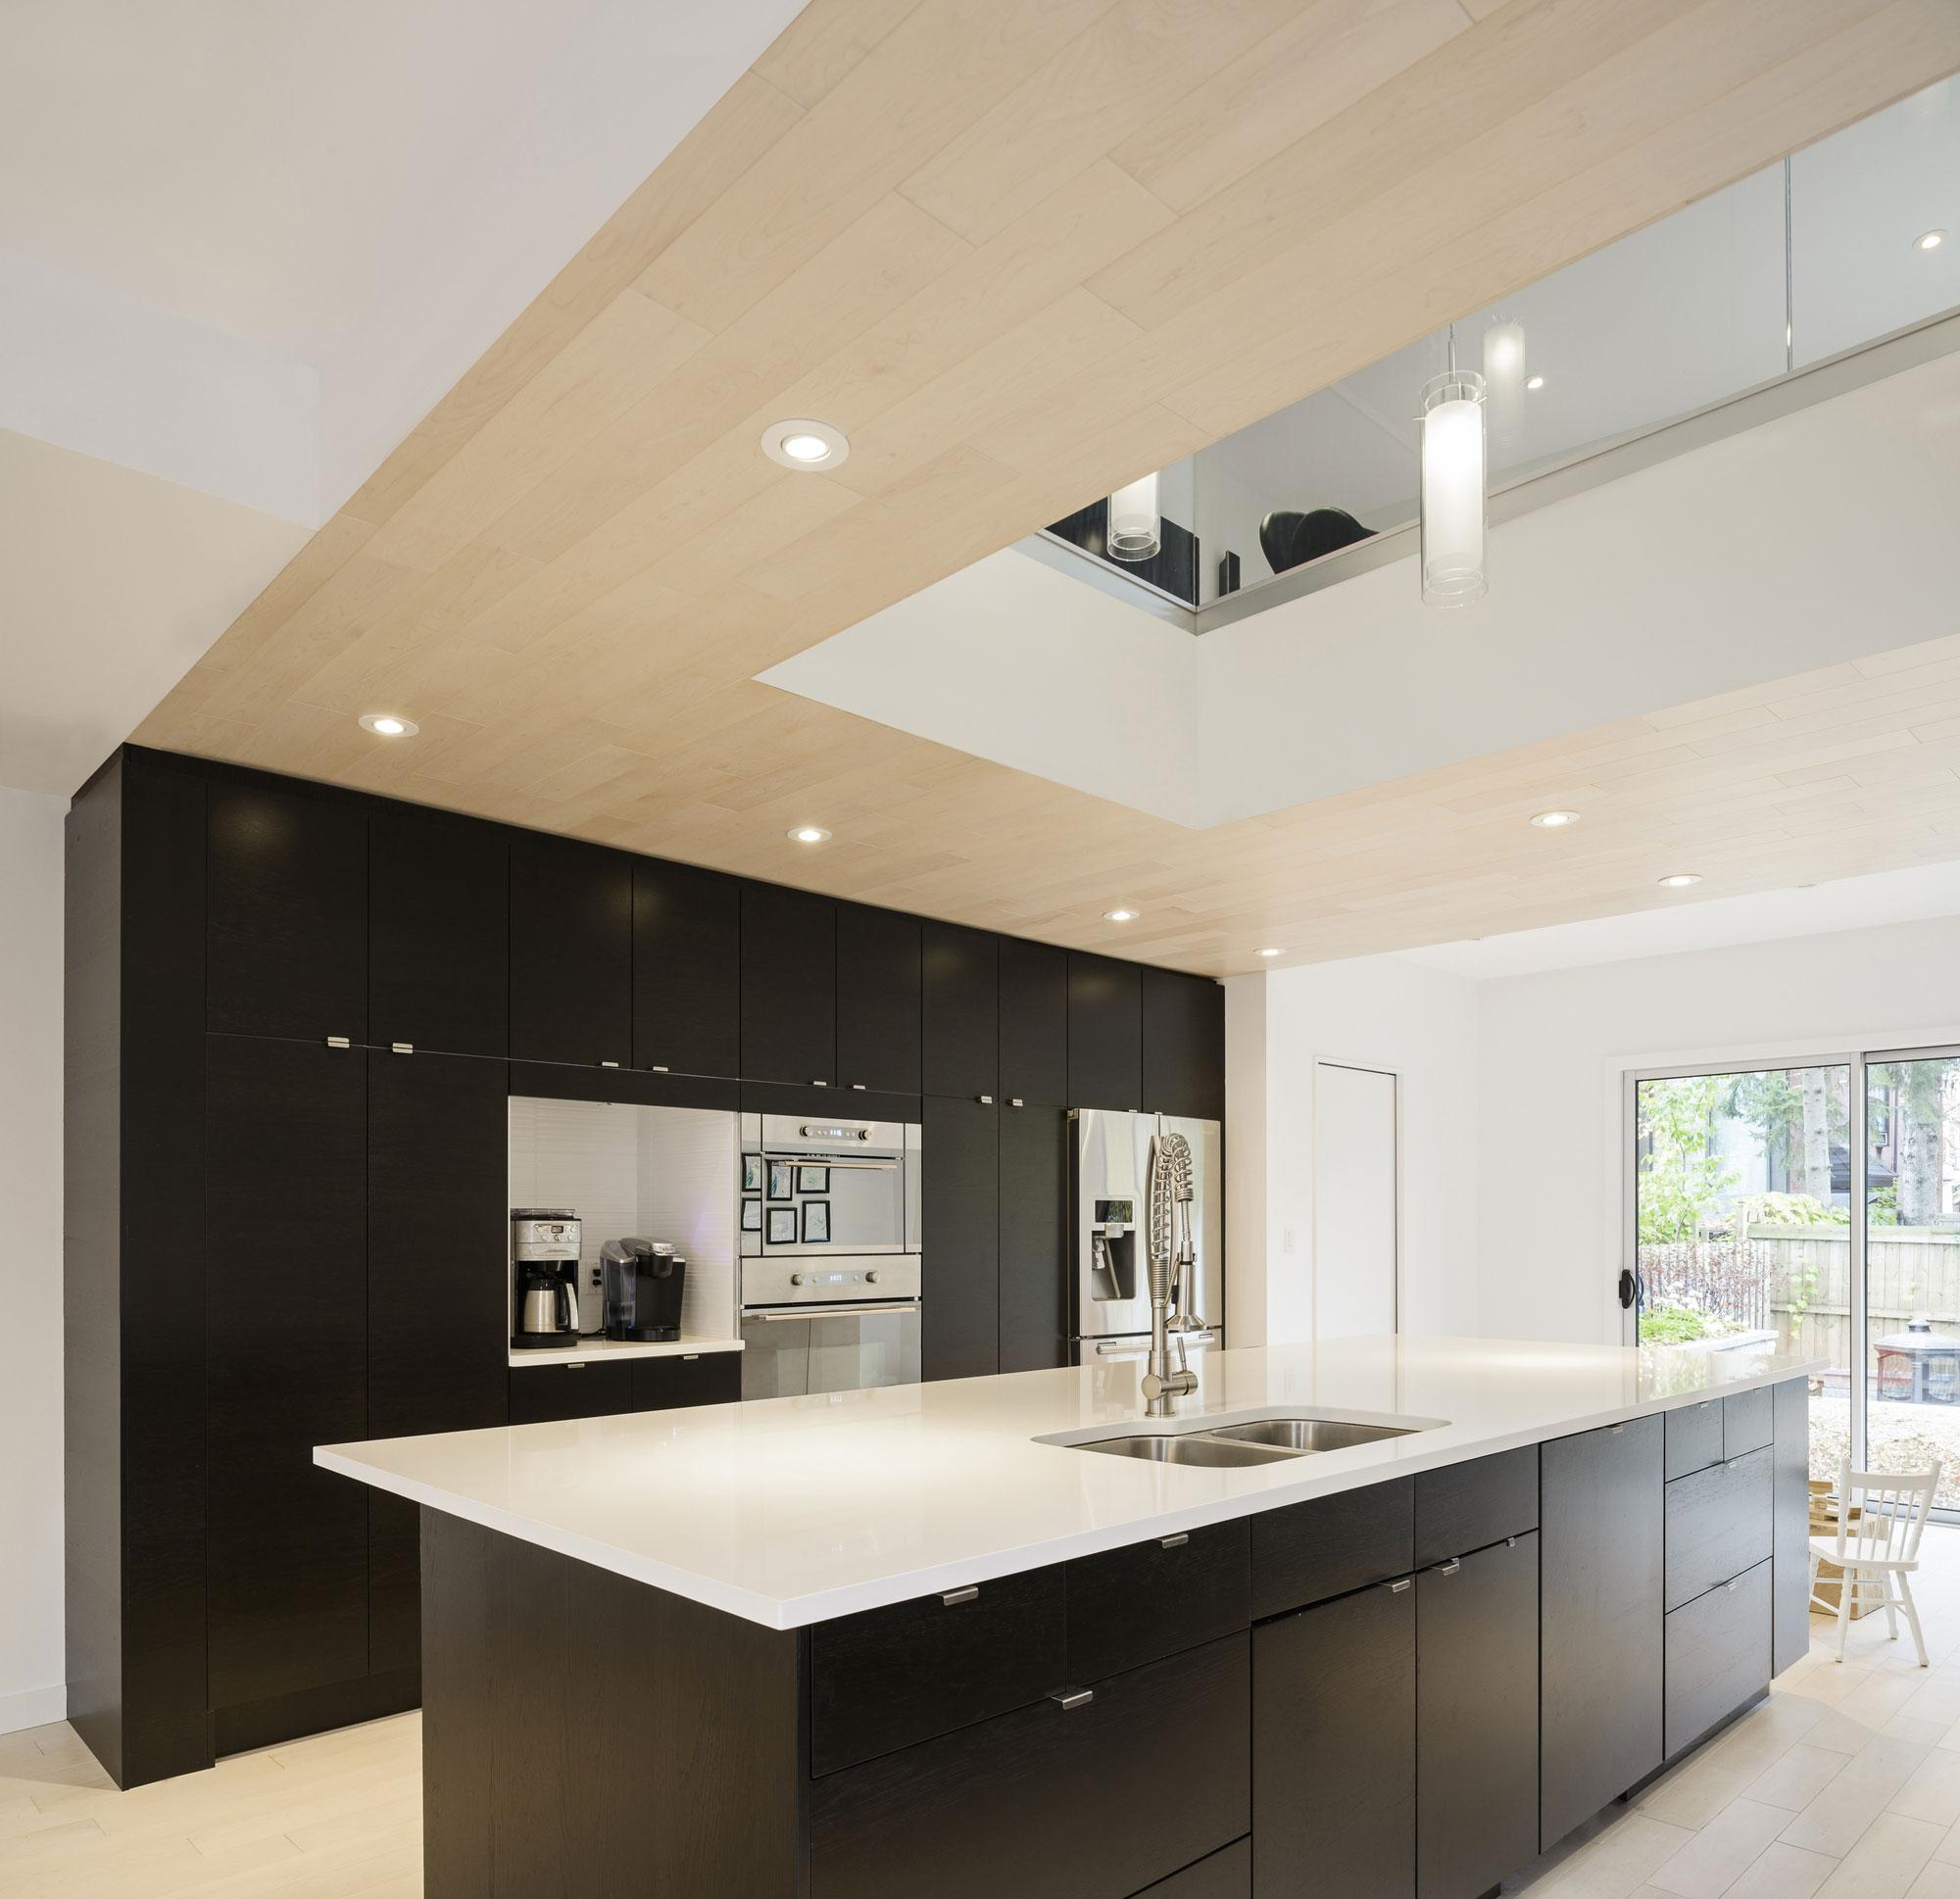 Роскошный интерьер кухни в загородном доме - Фото 18